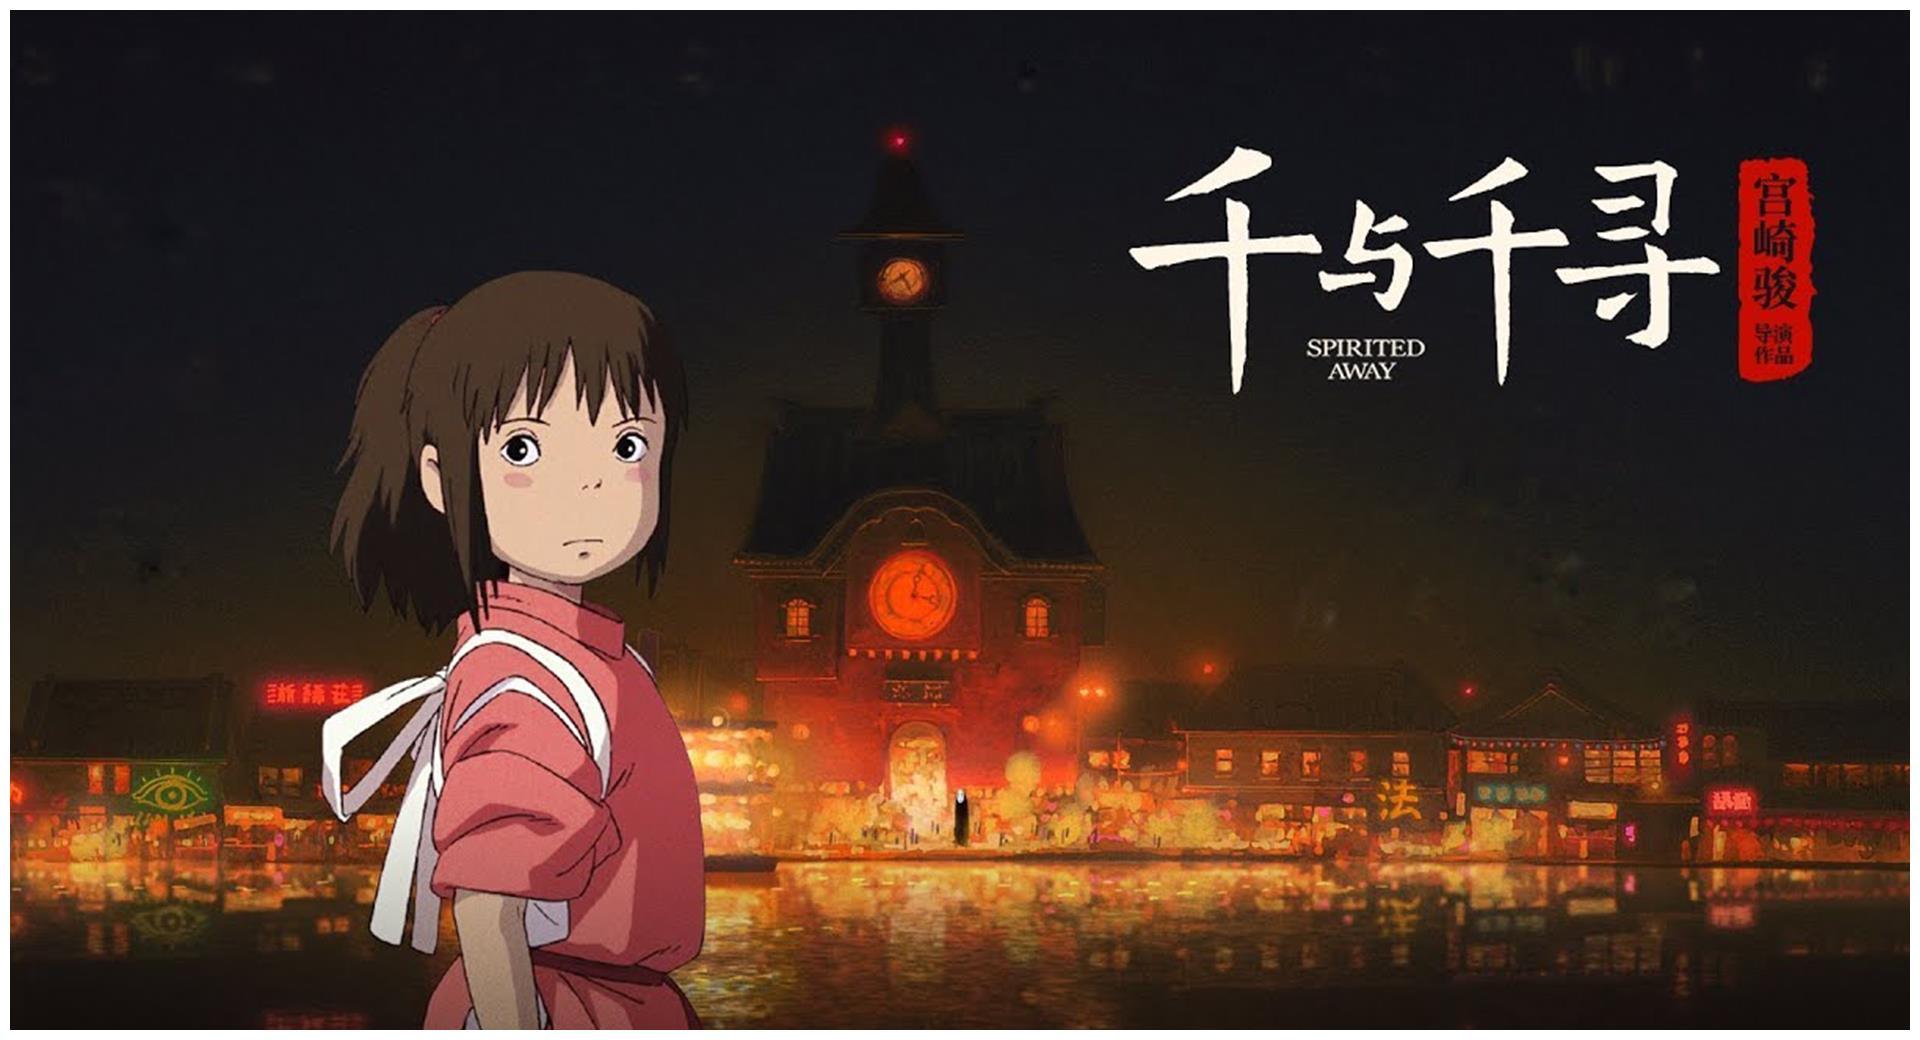 《千与千寻》上映二十周年,宫崎骏的300亿日元,为何没看懂?